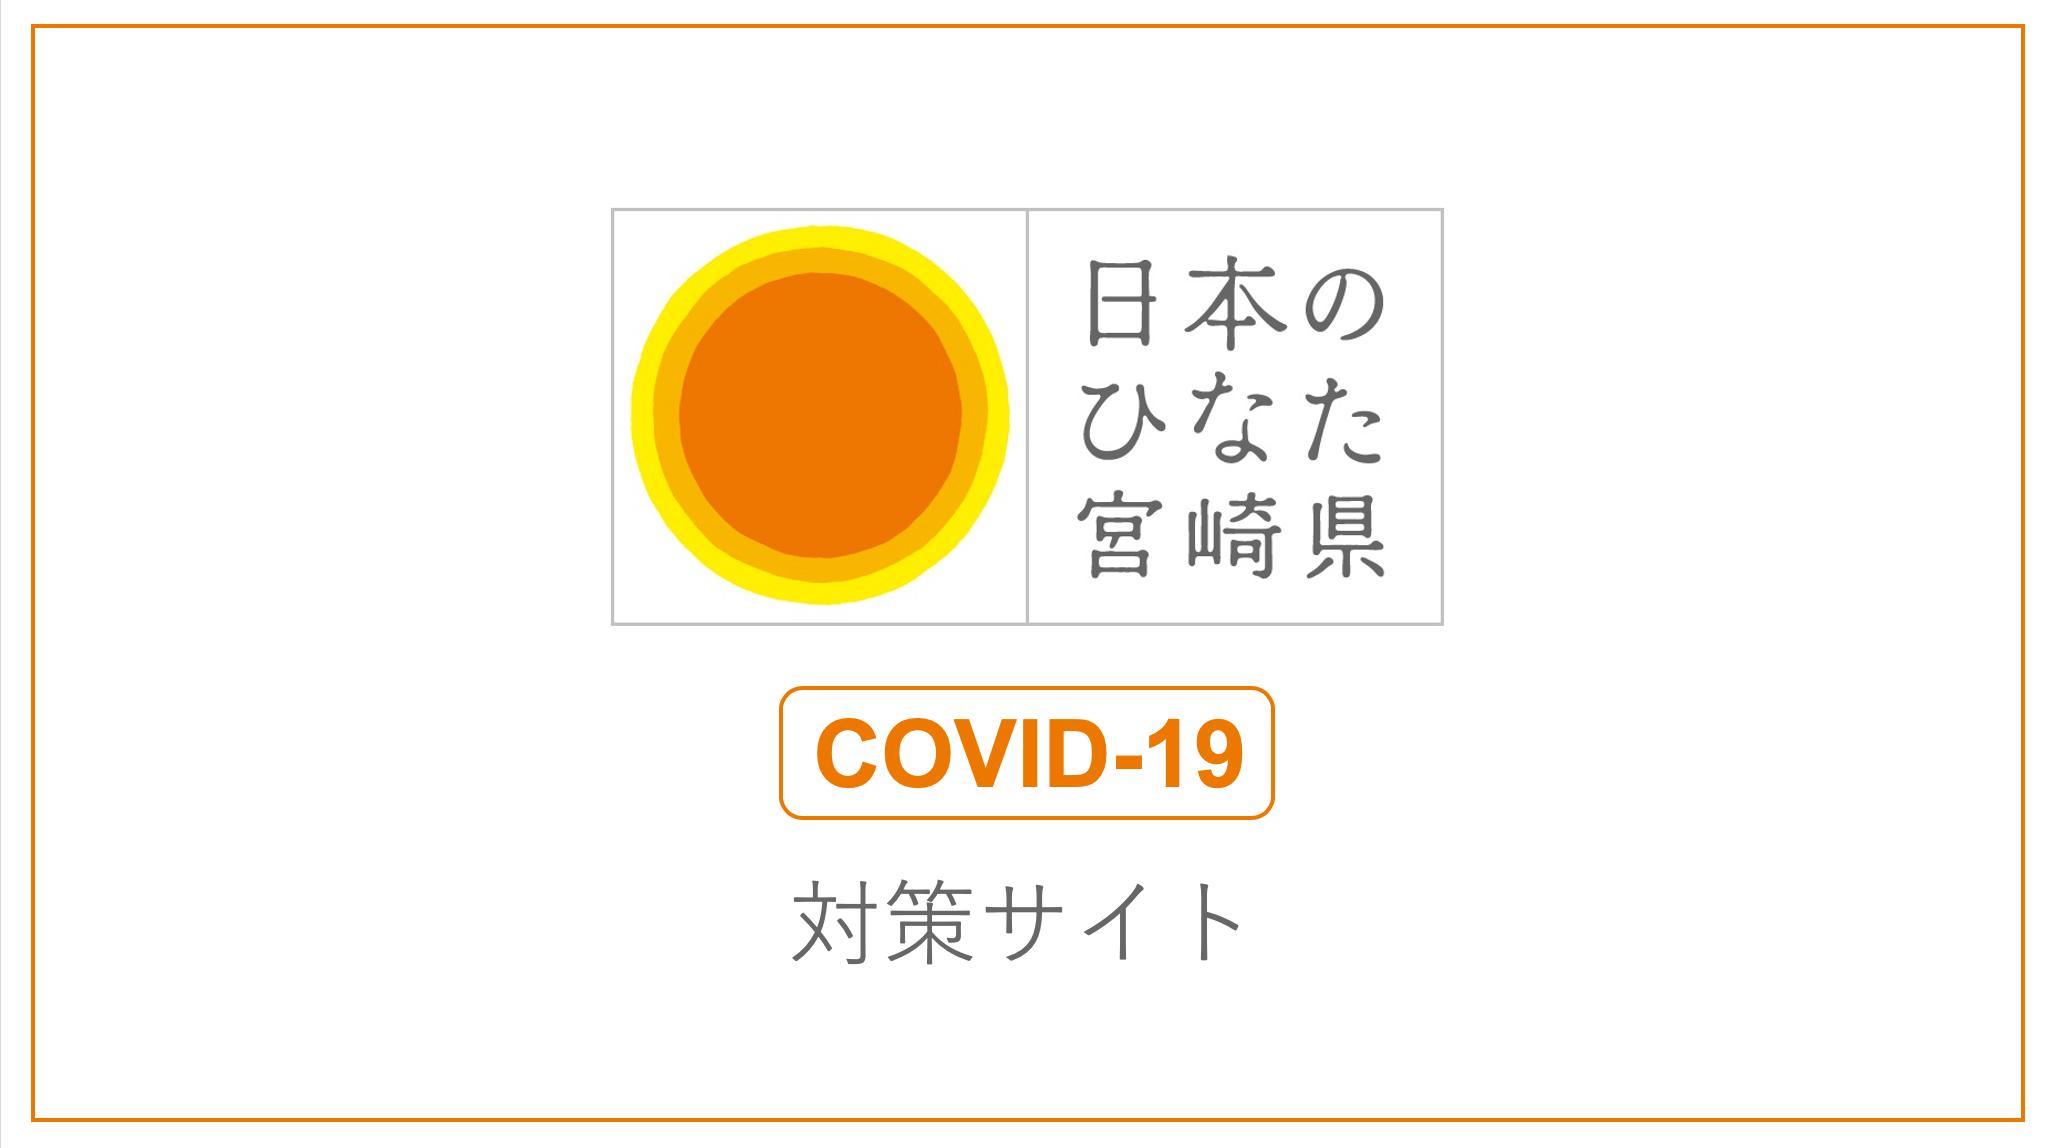 県 感染 コロナ 者 の 宮崎